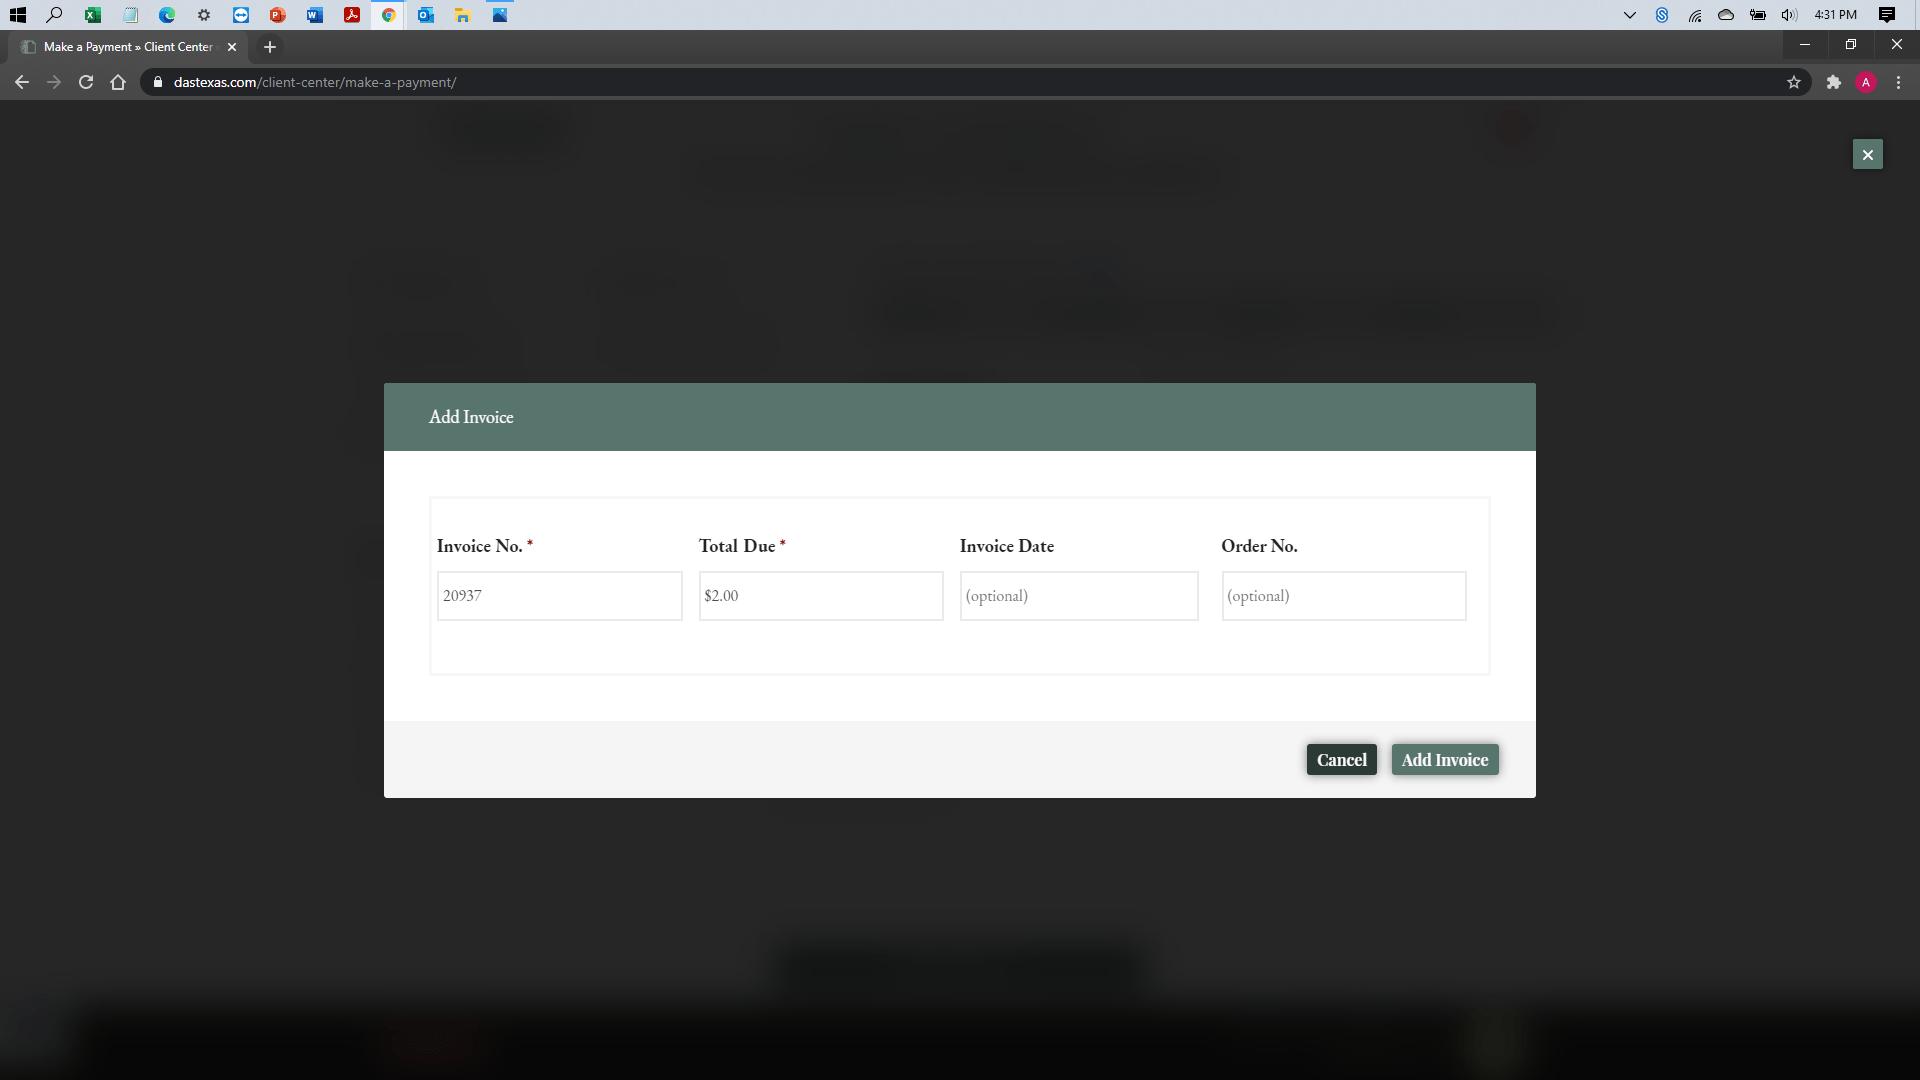 [help docs] Make a Payment - eCheck - Invoice Attach 1